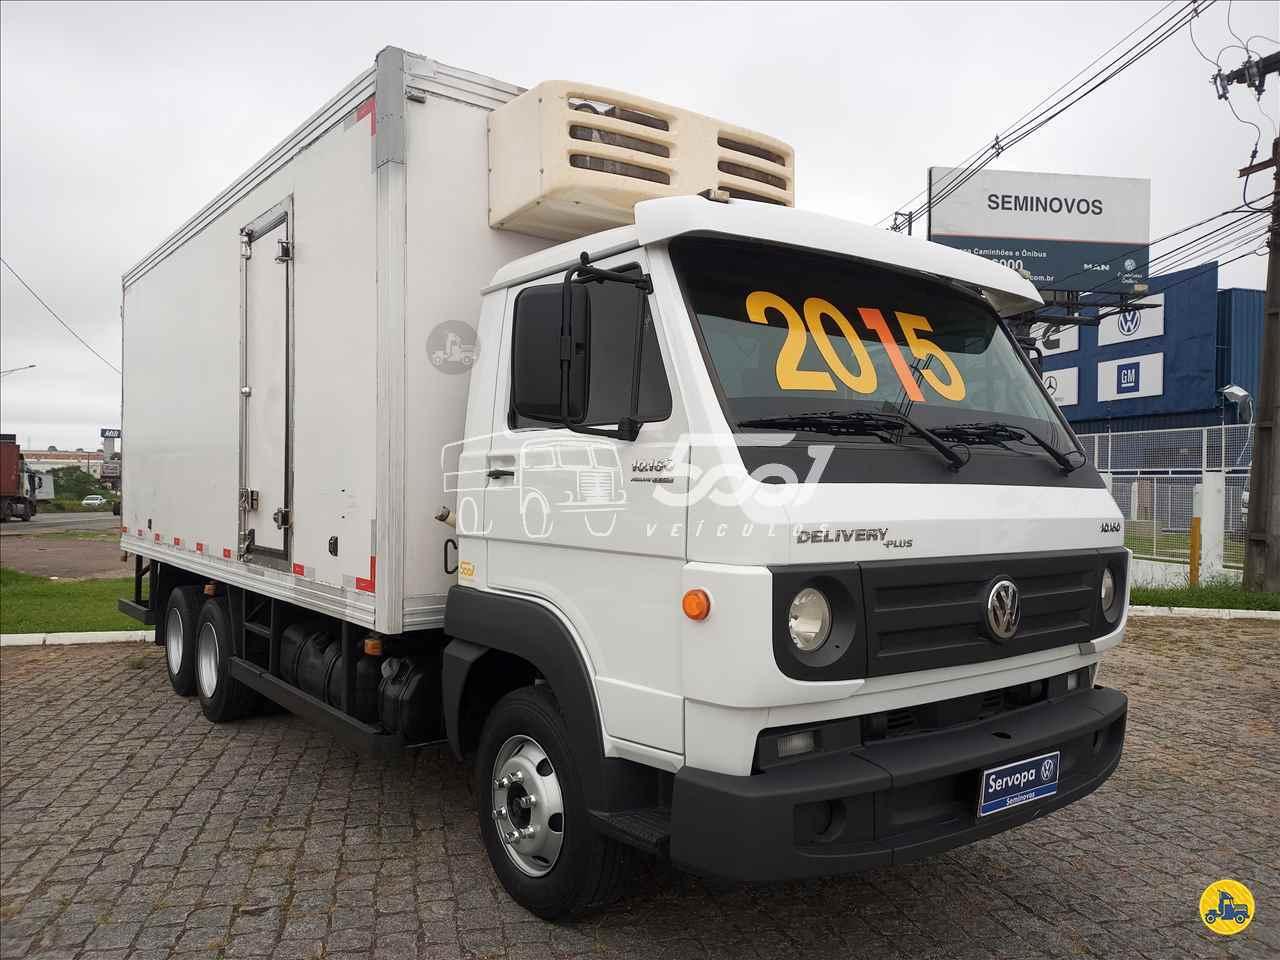 CAMINHAO VOLKSWAGEN VW 10160 Baú Frigorífico Truck 6x2 5001 Veículos - Curitiba CURITIBA PARANÁ PR